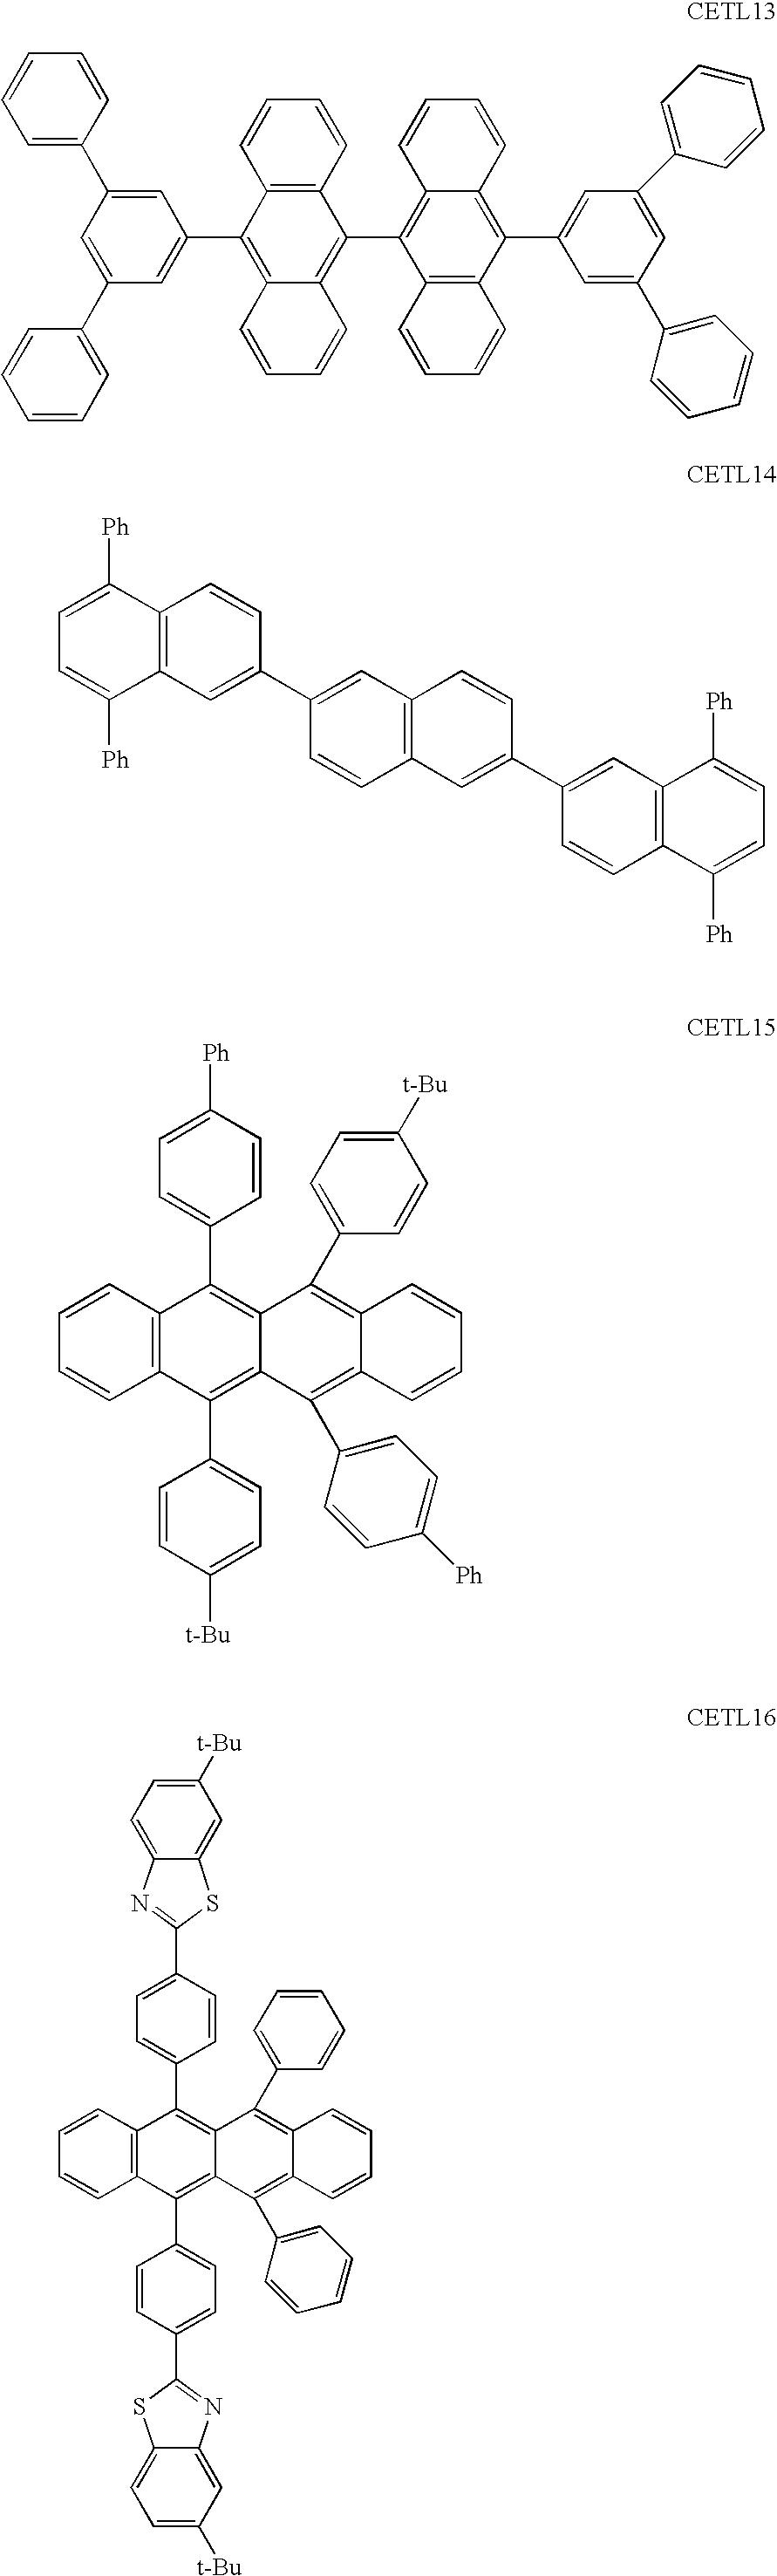 Figure US20090162612A1-20090625-C00016